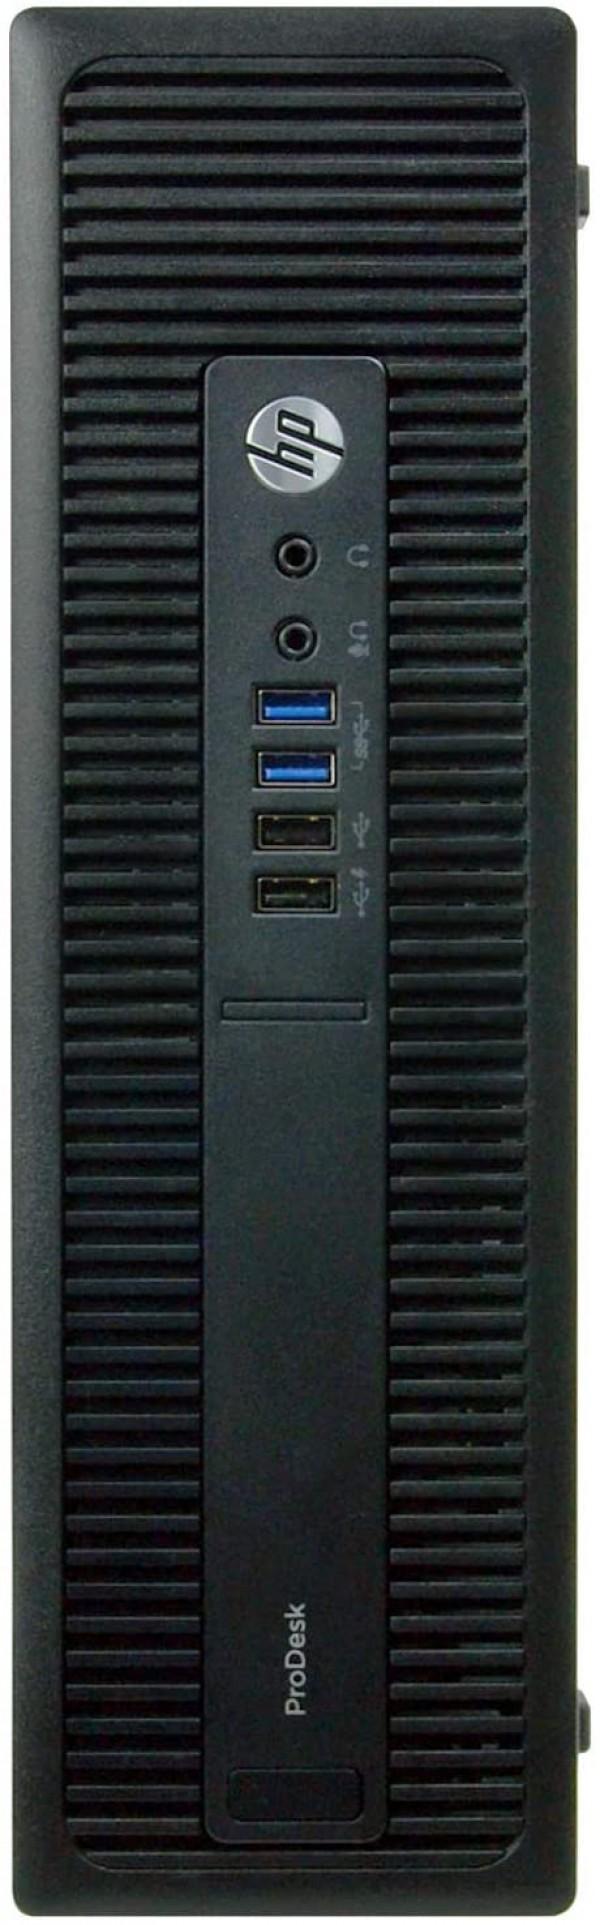 PC HP 600 G2 SFF i5-6600/8GB/256SSD/Win 10 Pro COA Ref.